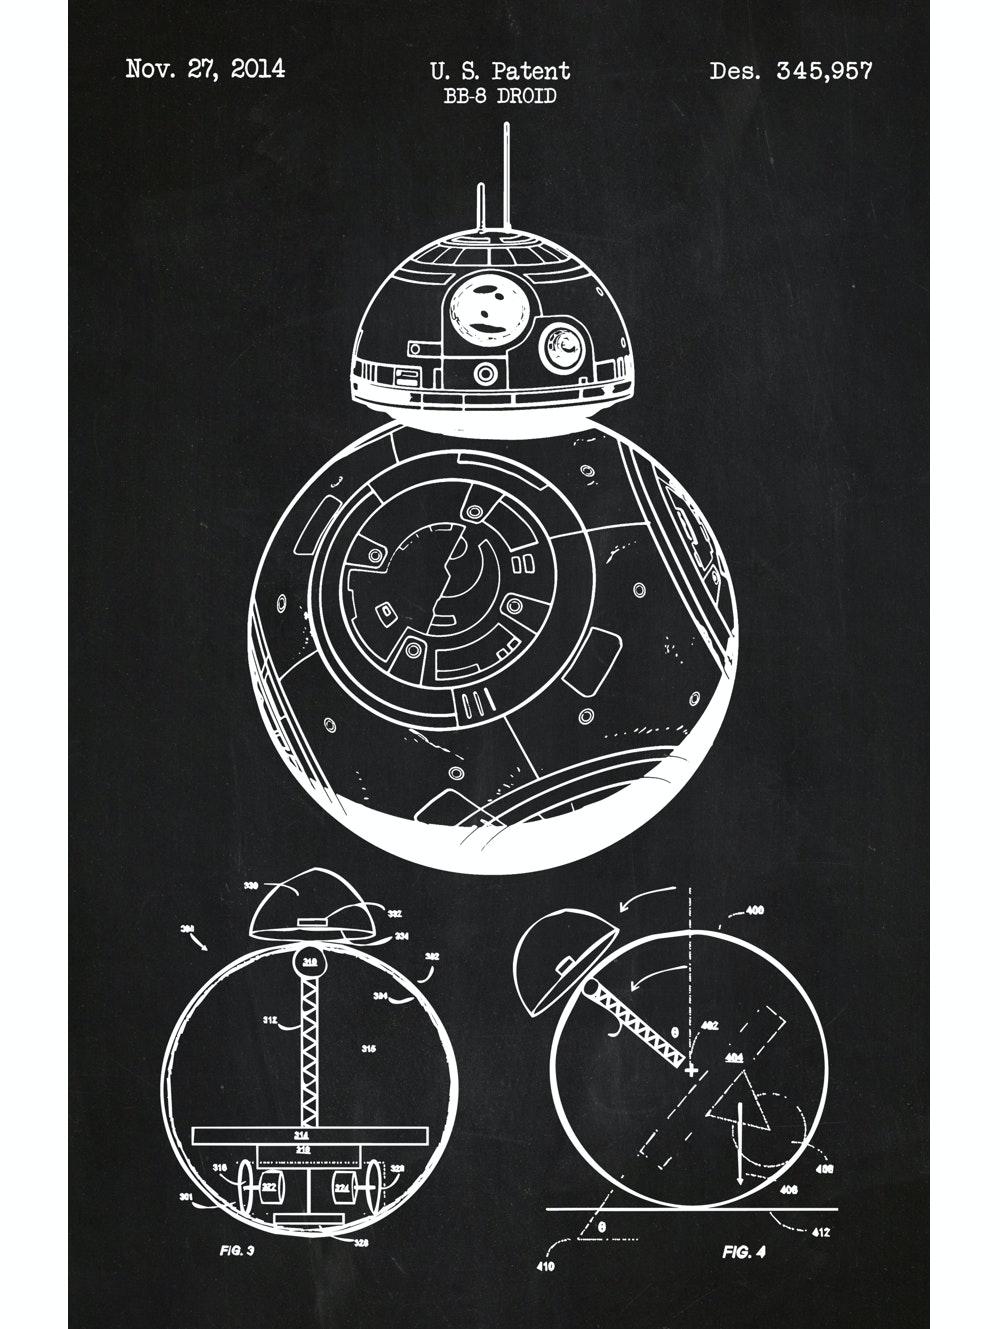 Star Wars - BB-8 Droid